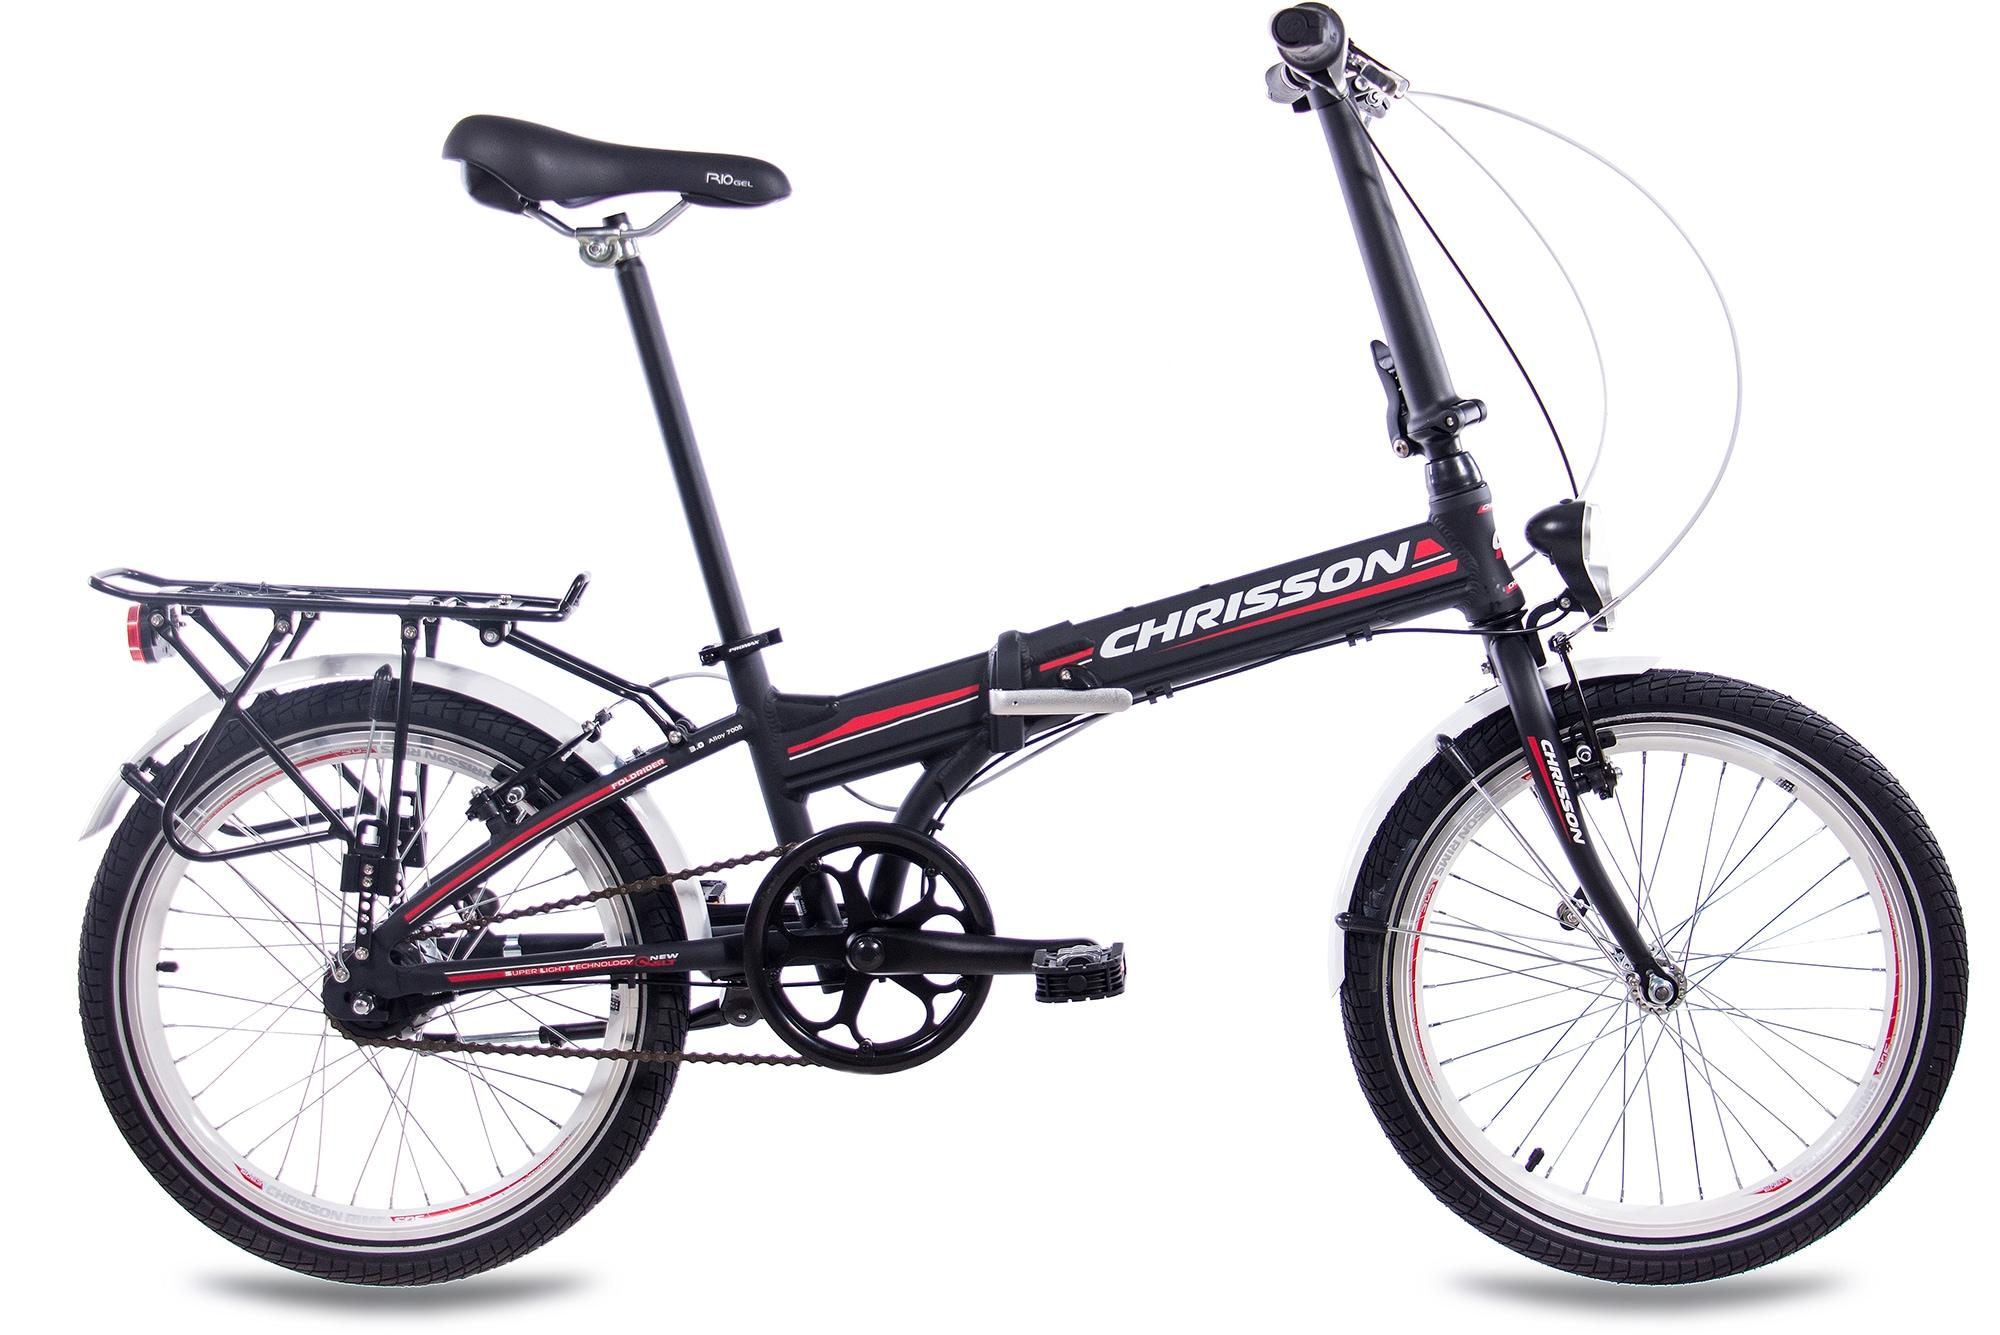 Chrisson Faltrad Foldrider 3.0, 7 Gang, Shimano, Nexus Gang Schaltwerk, Nabenschaltung, (1 tlg.) schwarz Falträder Klappräder Fahrräder Zubehör Fahrrad